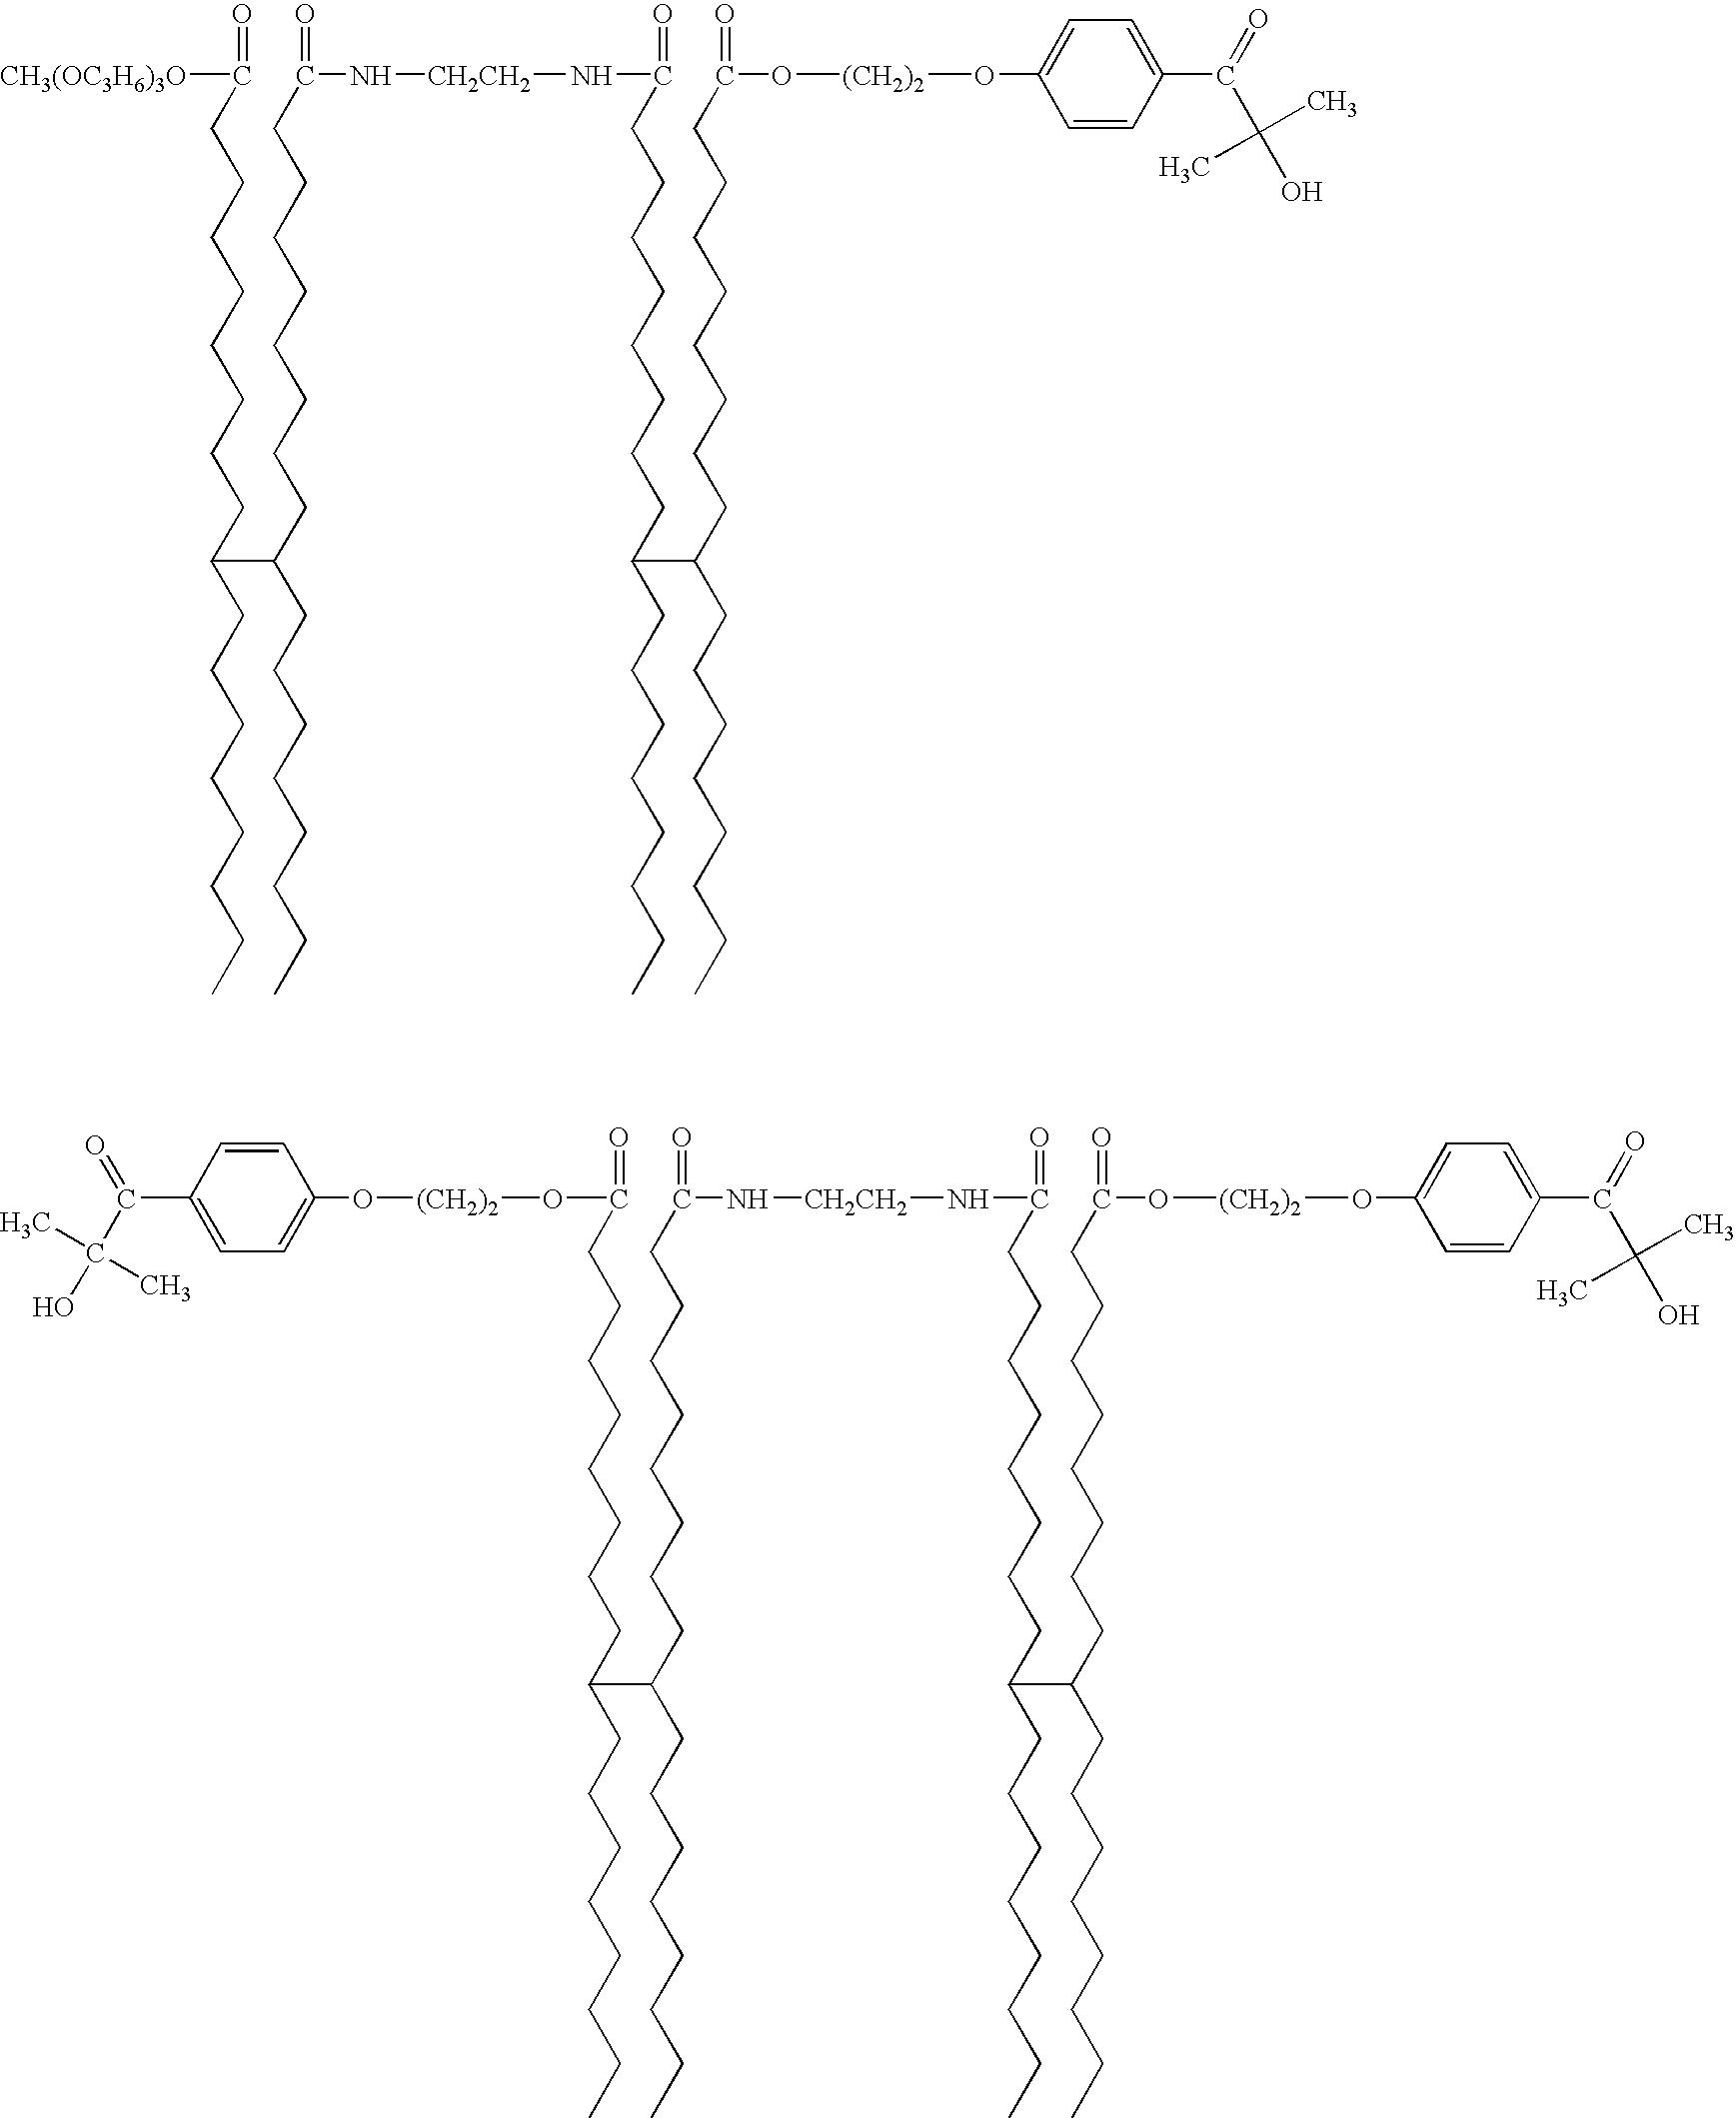 Figure US07279587-20071009-C00056